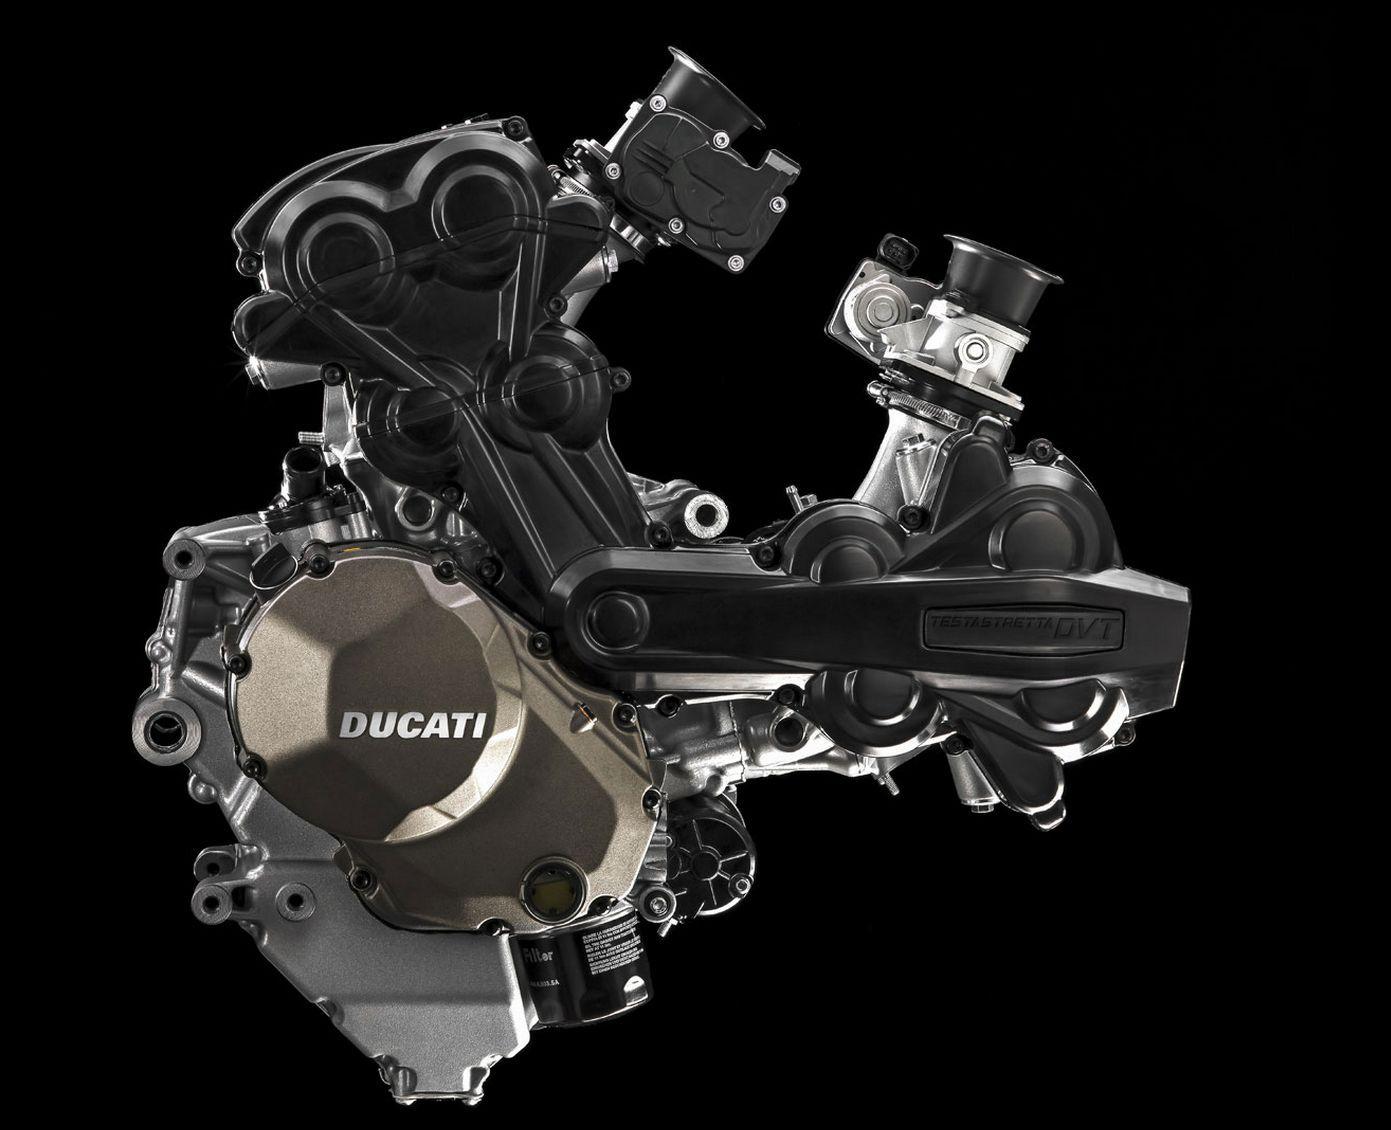 2015 Ducati Multistrada 1200 S   Multistrada 1200 S - Motor